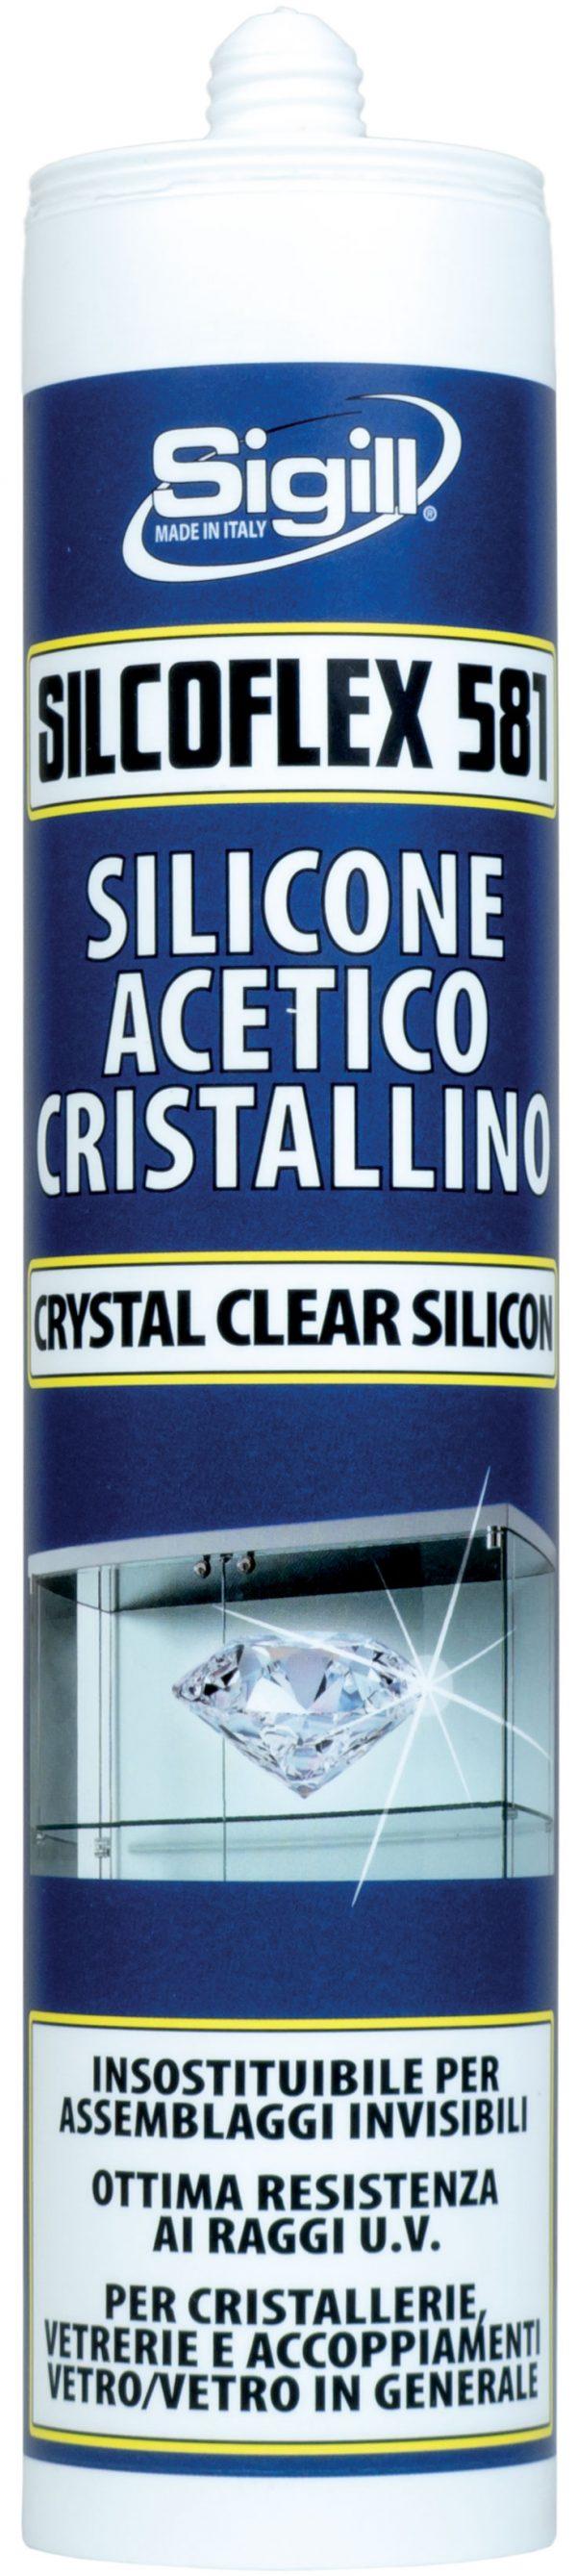 silicone acetico cristallino